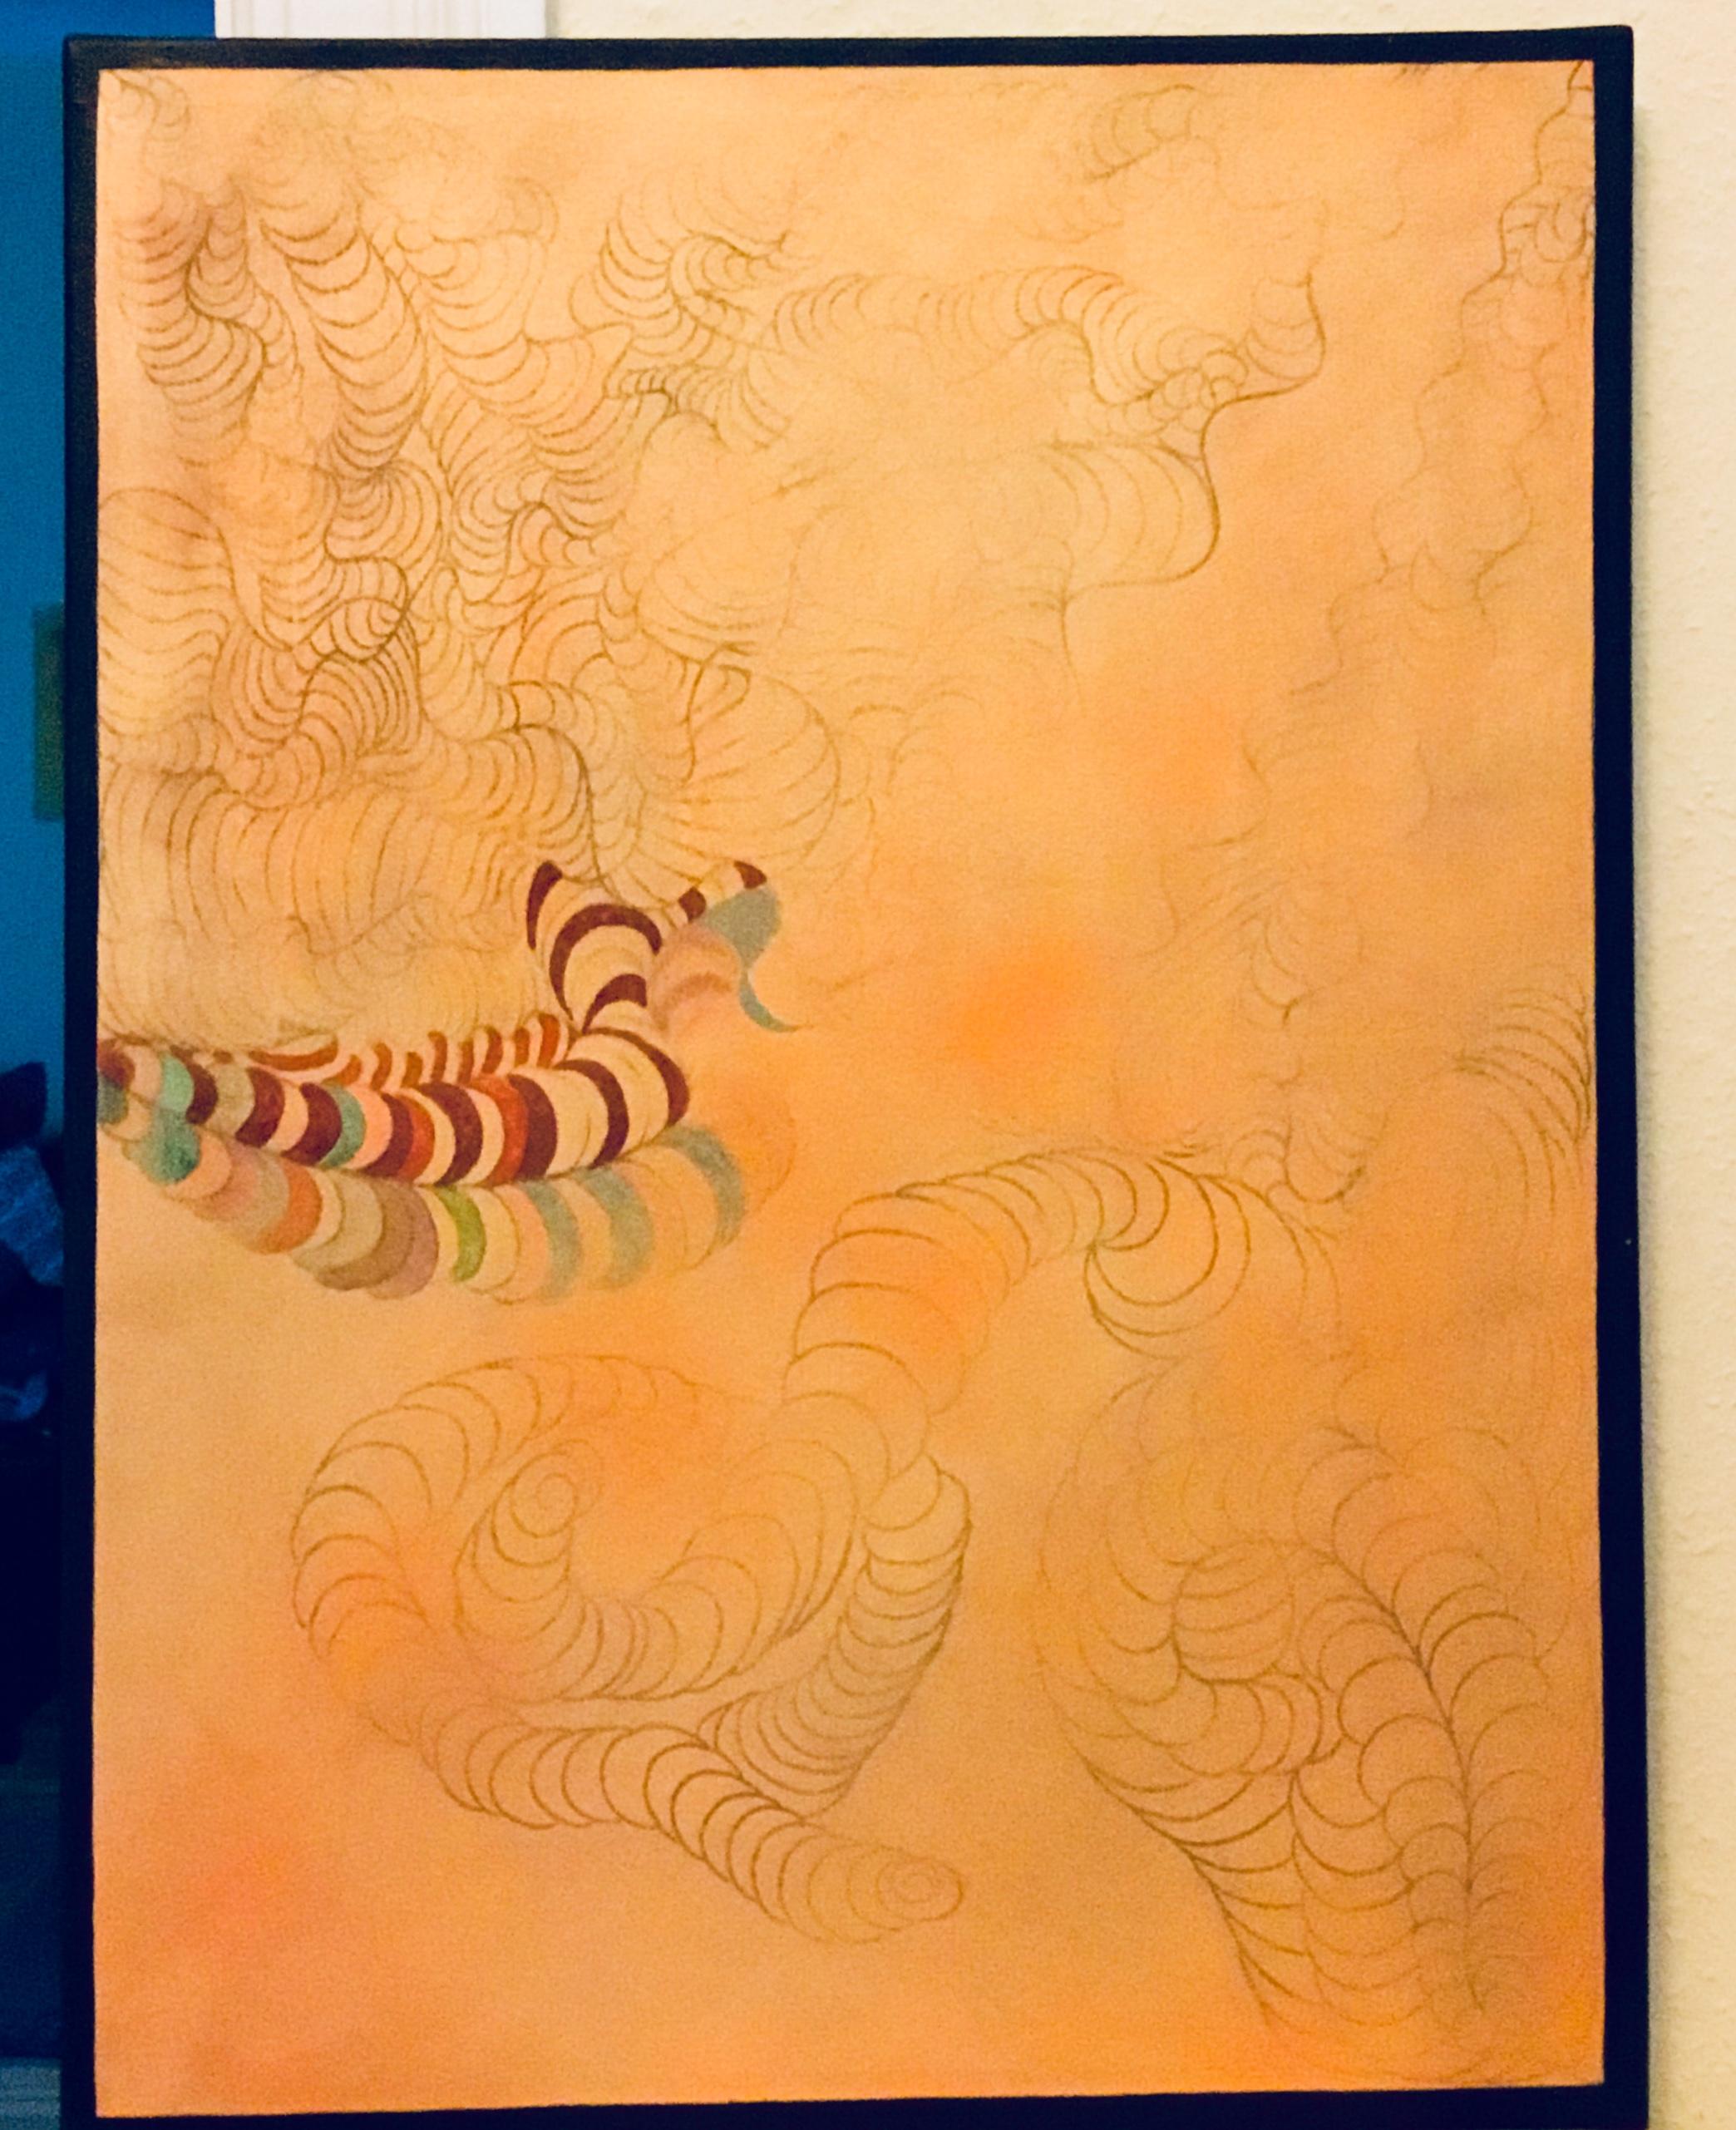 Abreise Acryl on Canvas 80 x 60 cm